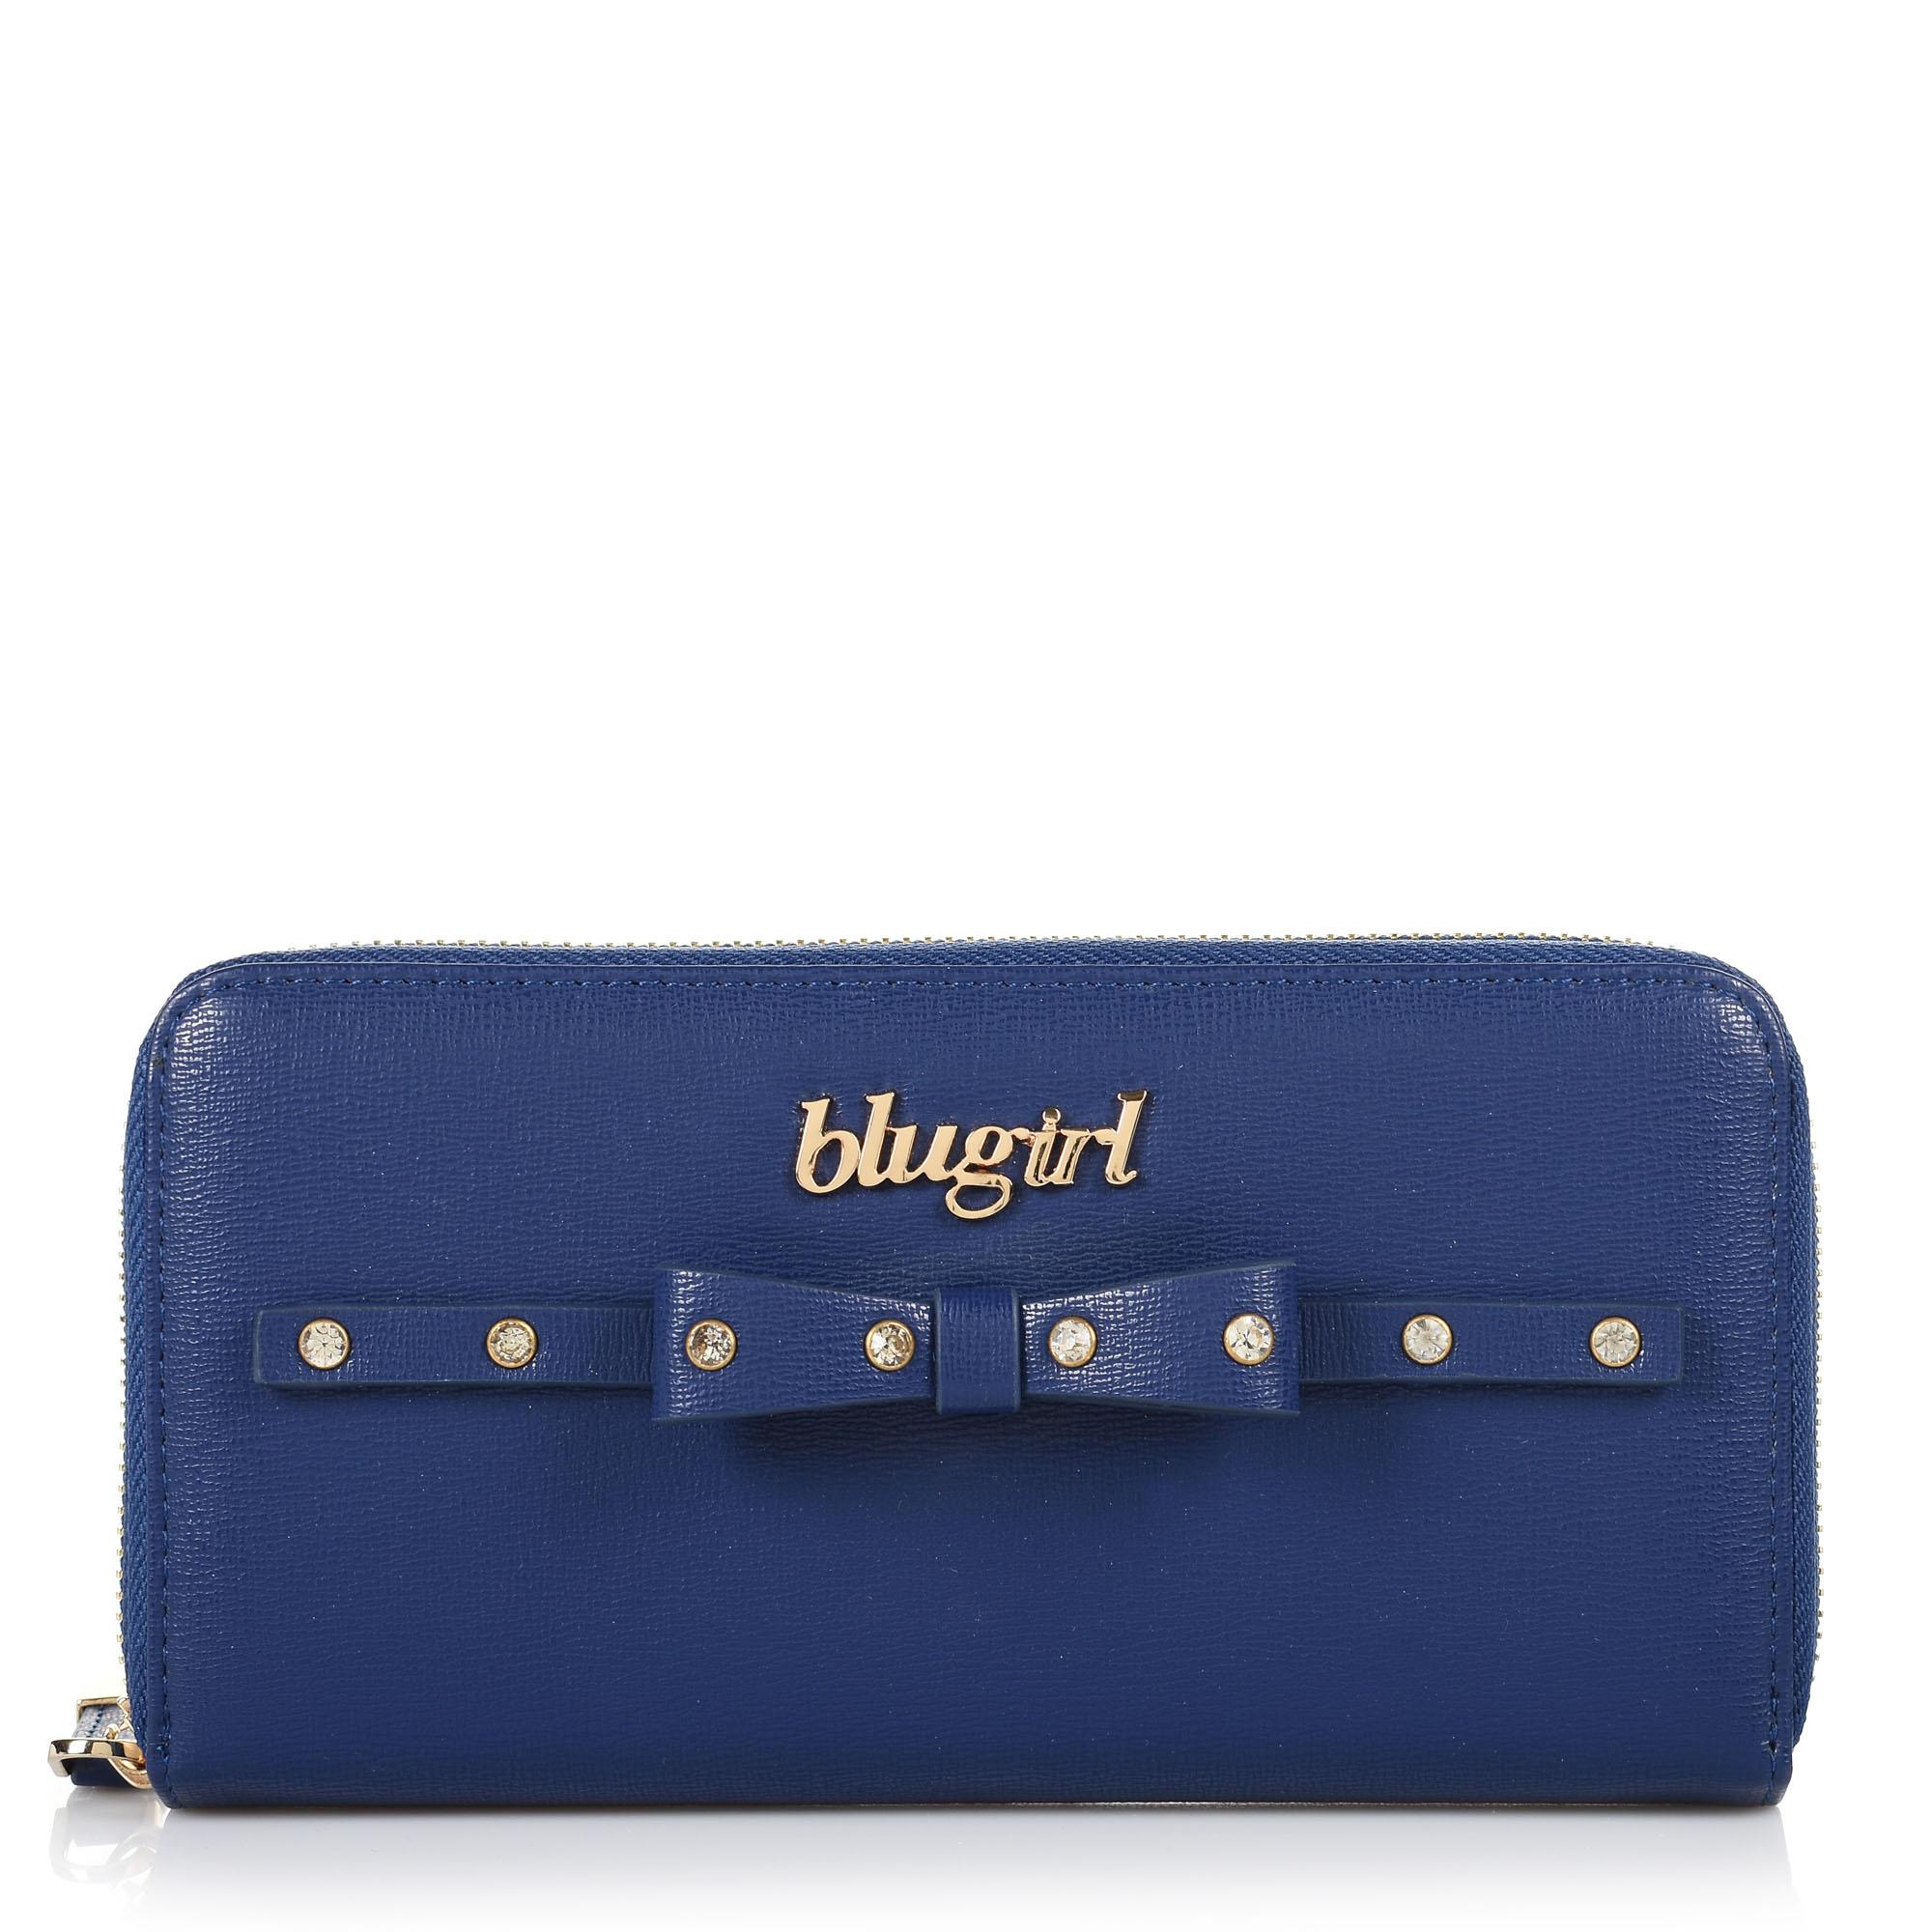 Πορτοφόλι Κασετίνα Blugirl 373001Α